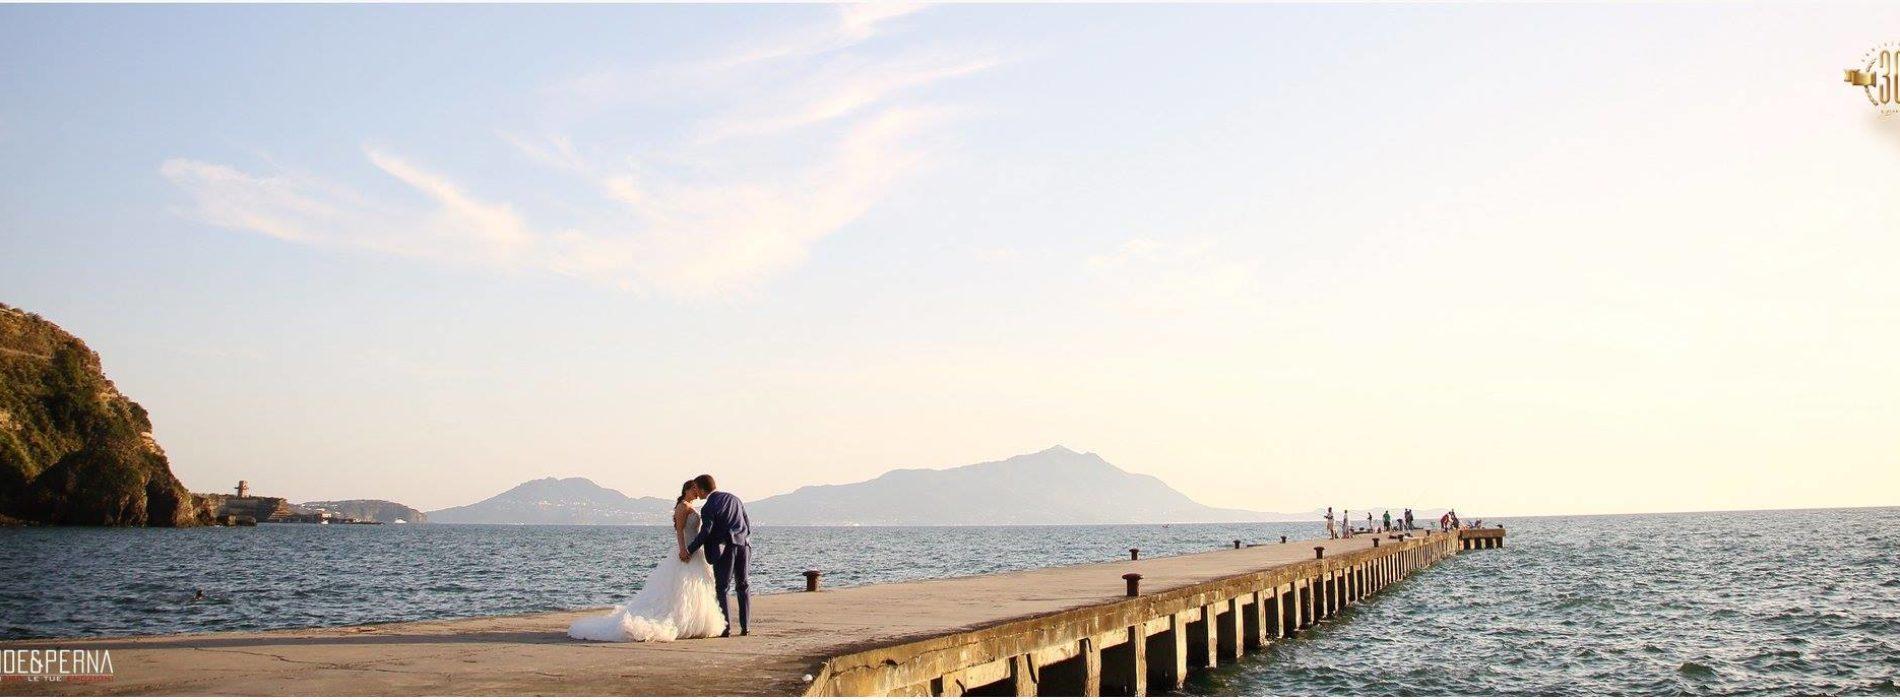 Le migliori ville per Matrimonio a Napoli – Top 5